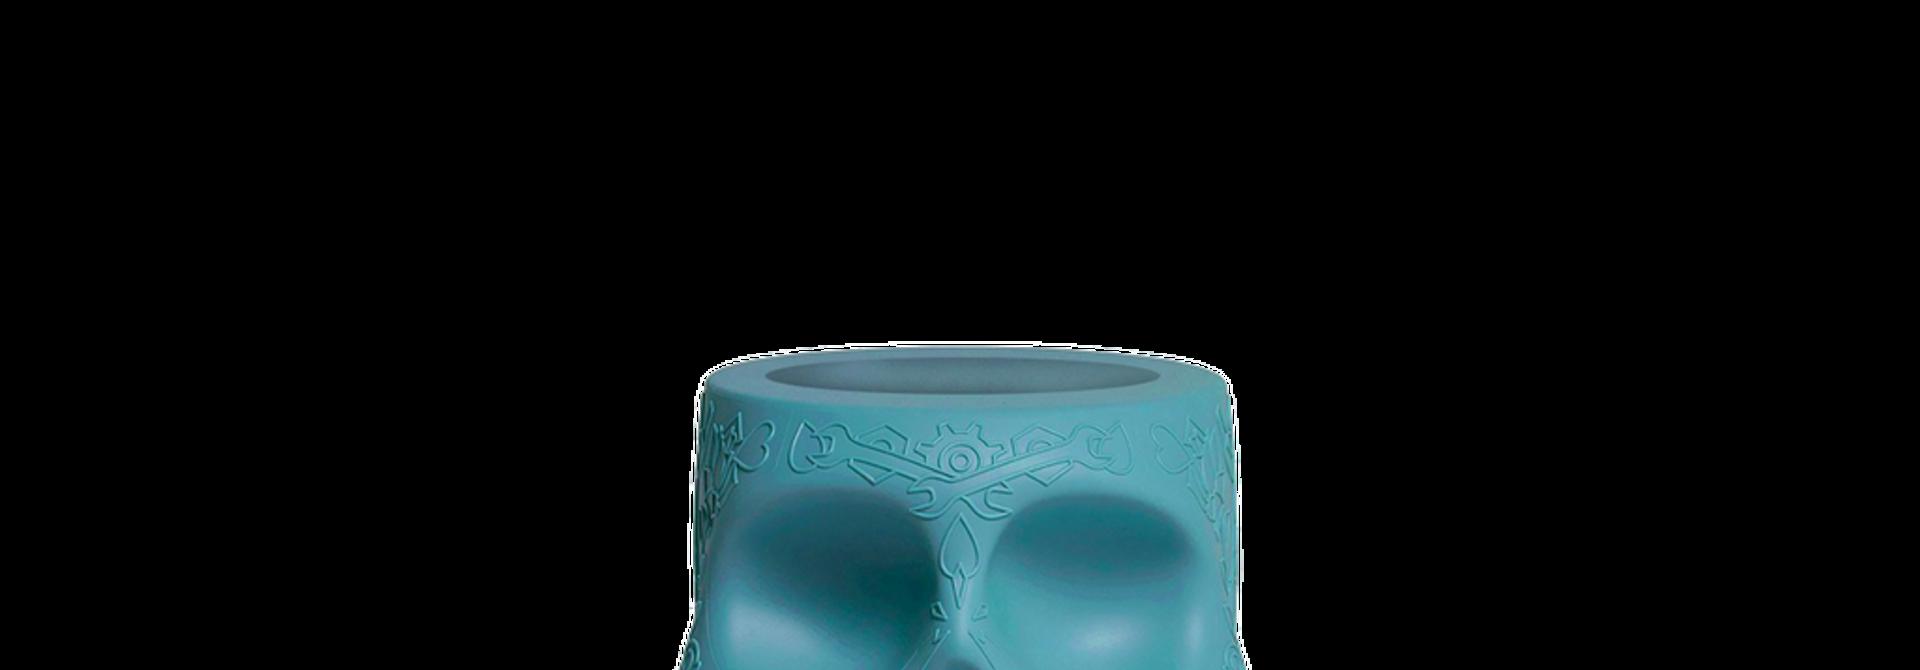 QEEBOO - Plant Pot / Pencil Mexico Blue